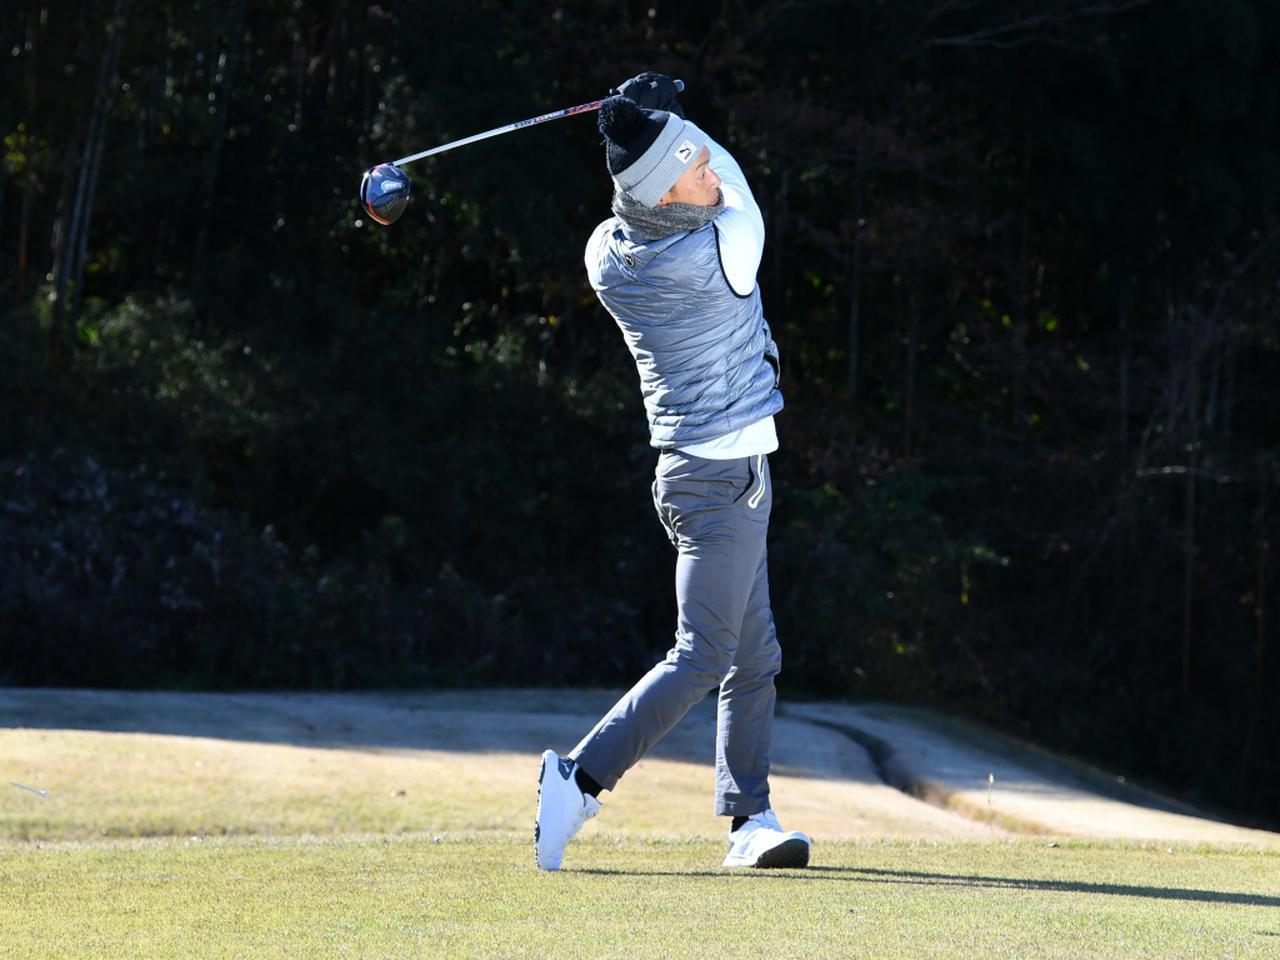 画像5: 【冬ゴルフのスコアメーク】今すぐ試したいテクニック「ティショット&セカンド編」。ベストスコアを冬に出す